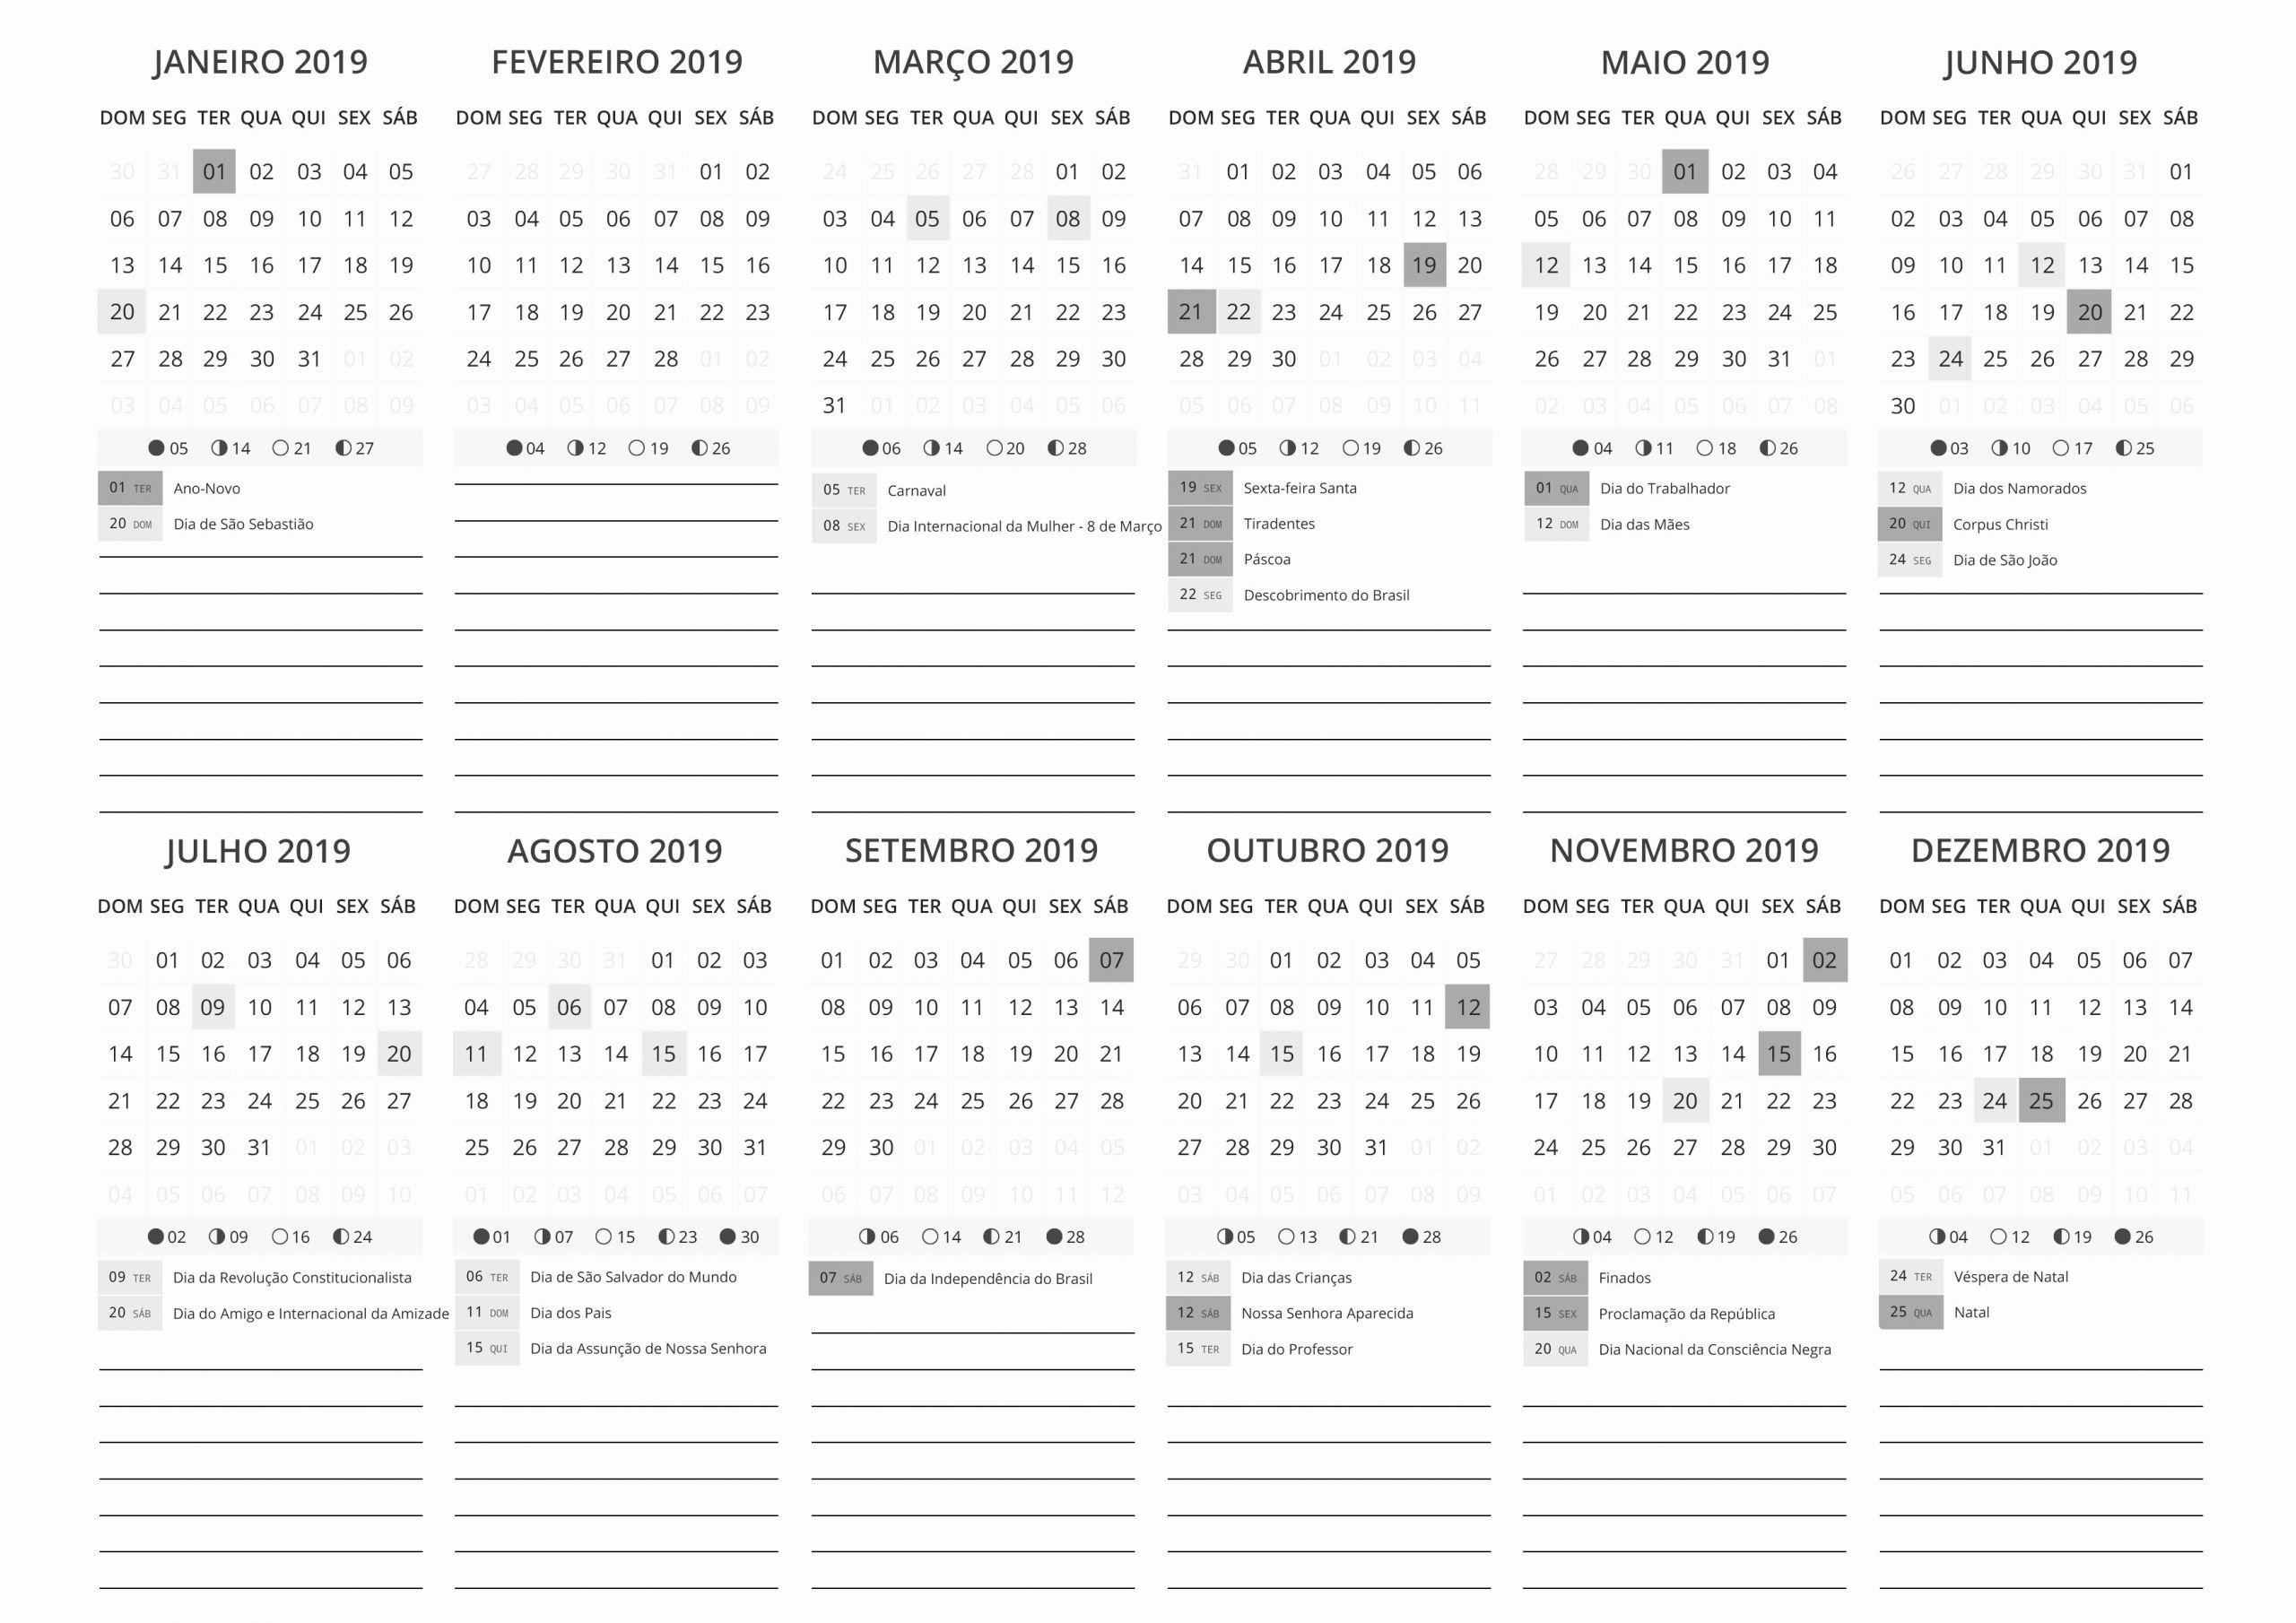 calendario 2019 feriados portugal excel mas recientemente liberado calendario 2019 para imprimir fazendo a nossa festa of calendario 2019 feriados portugal excel